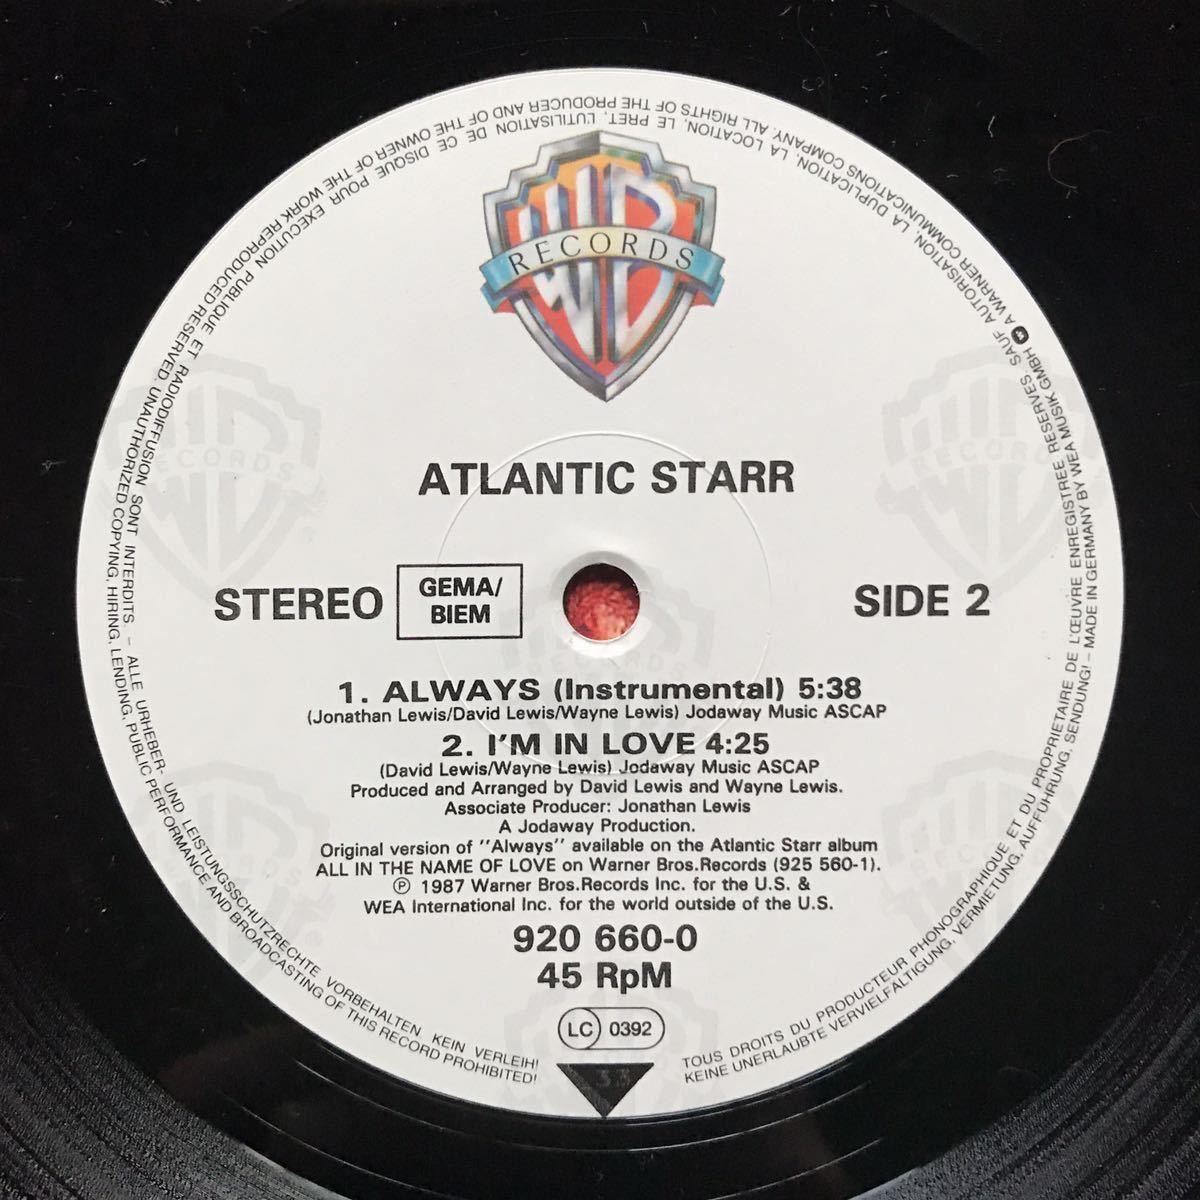 【r&b】Atlantic Starr / Always[12inch]オリジナル盤